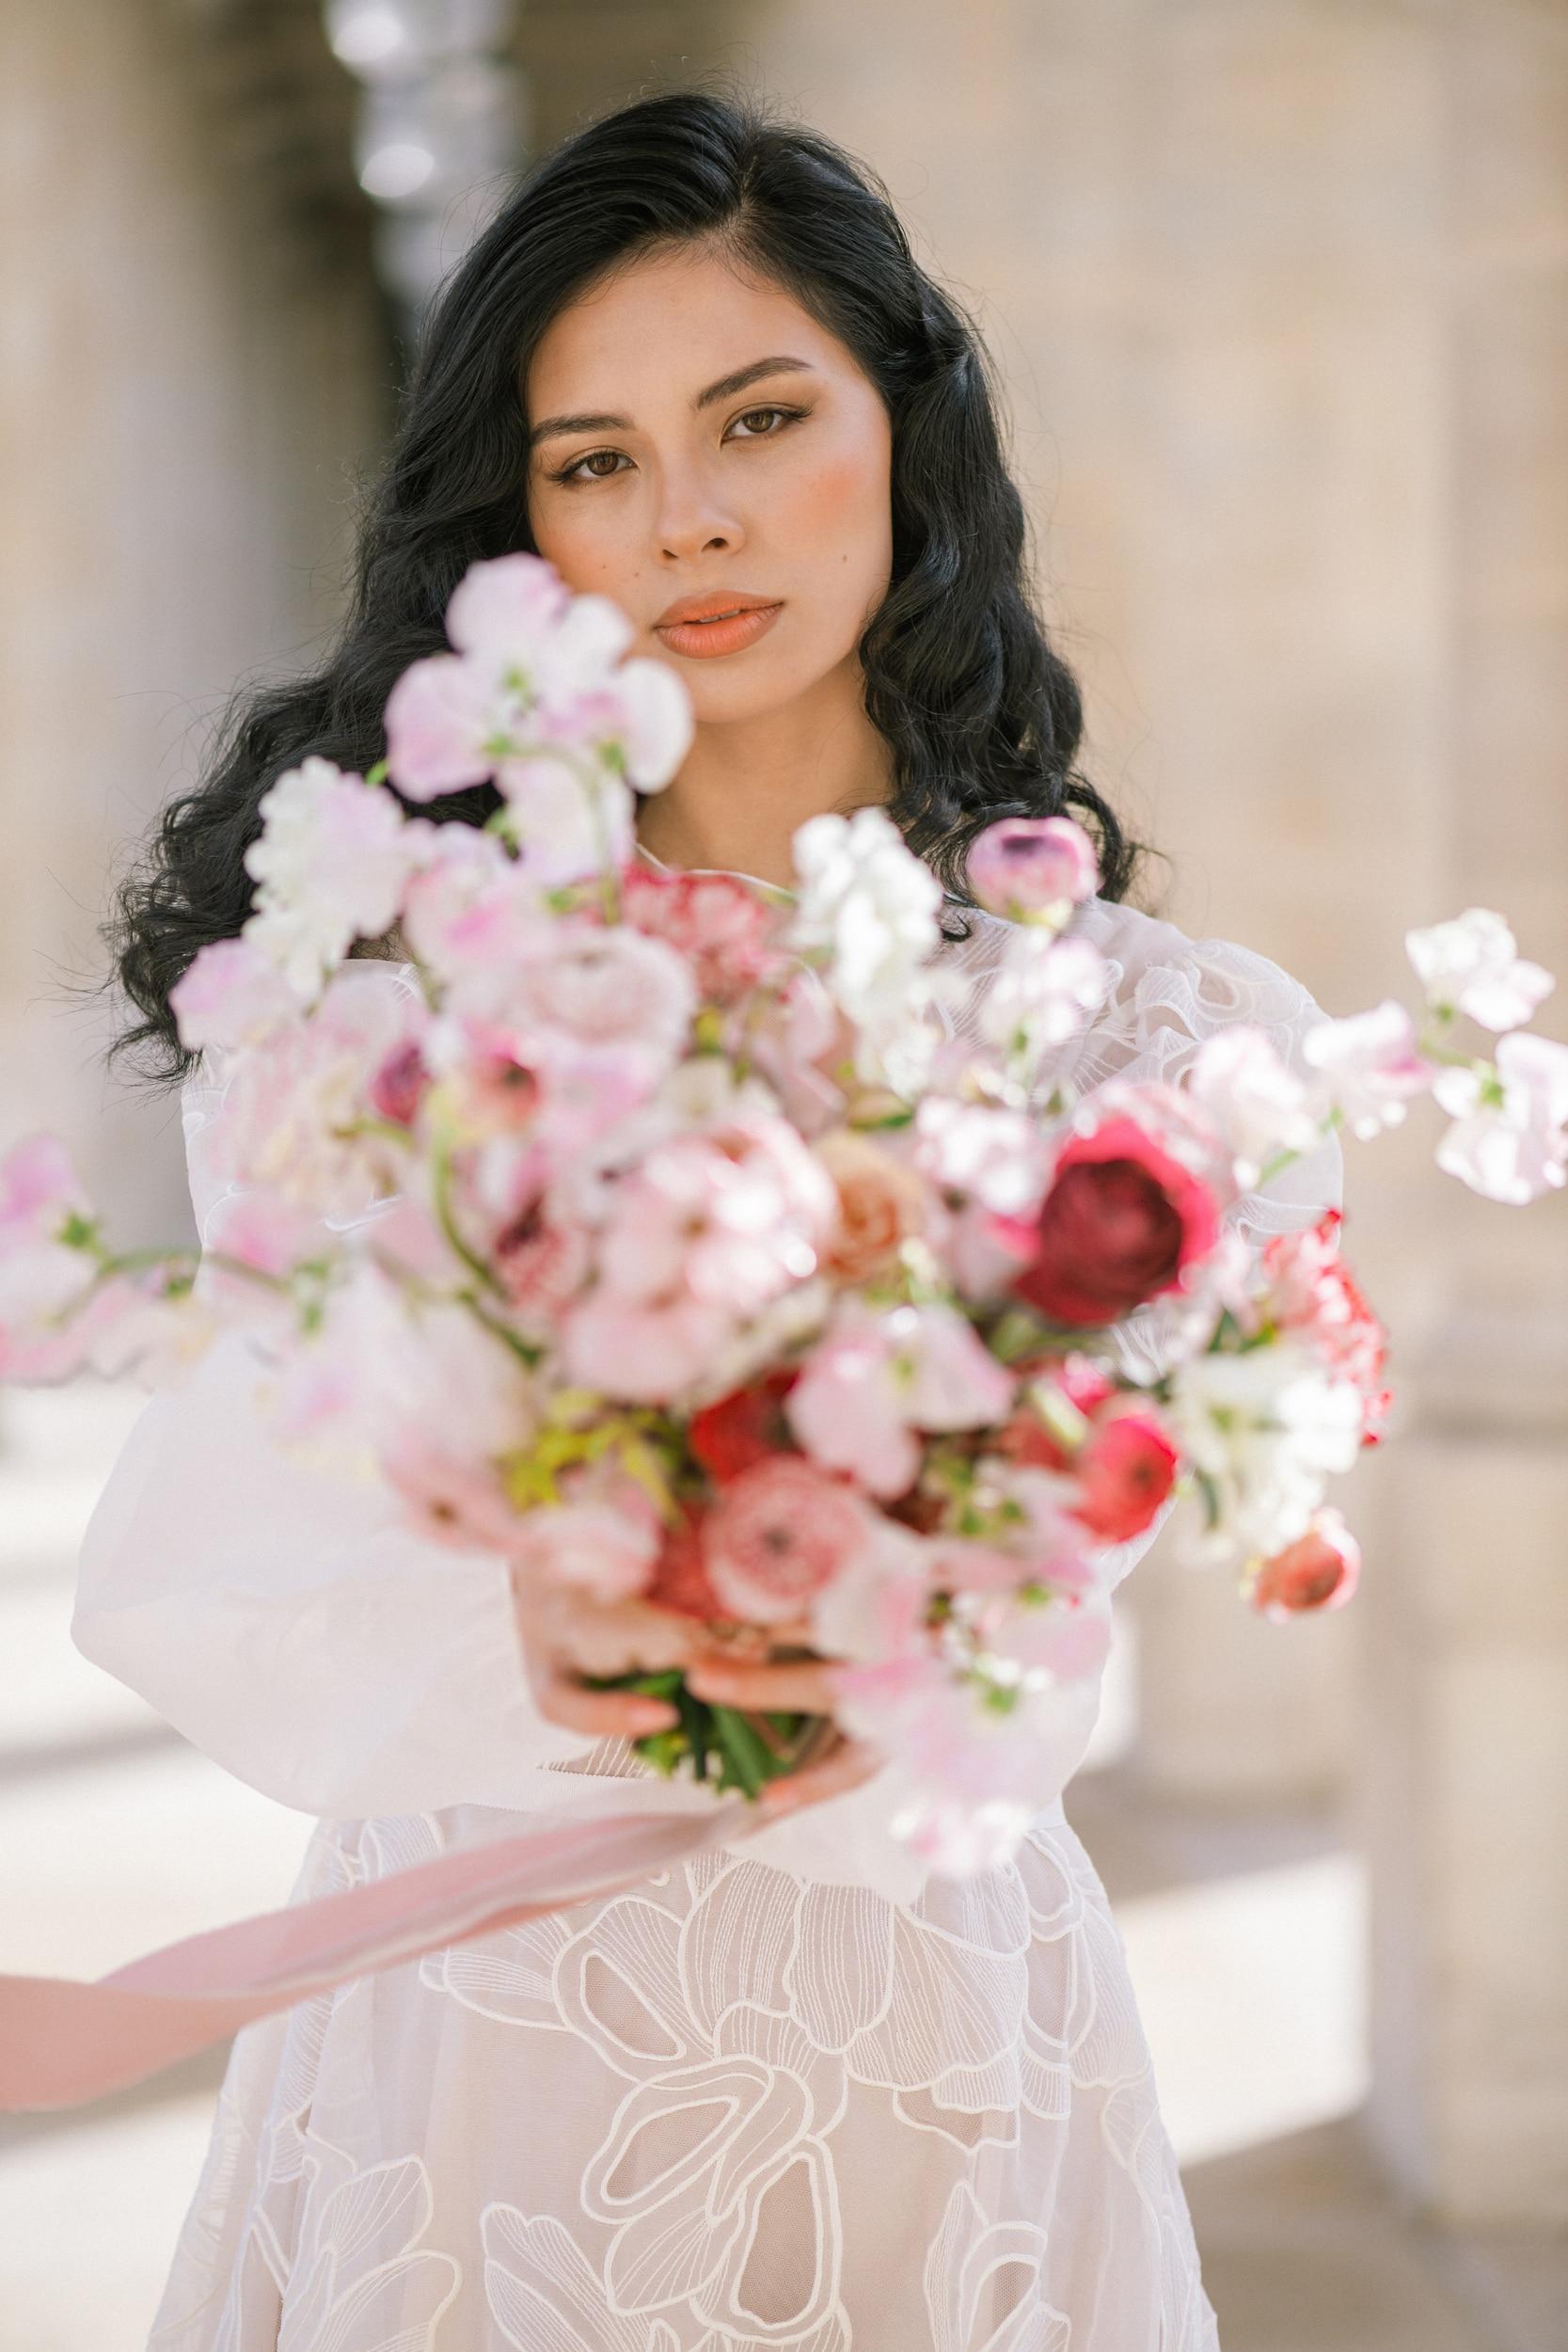 Anais-7903Photographe mariage paris louvre colonne de buren lina raziq